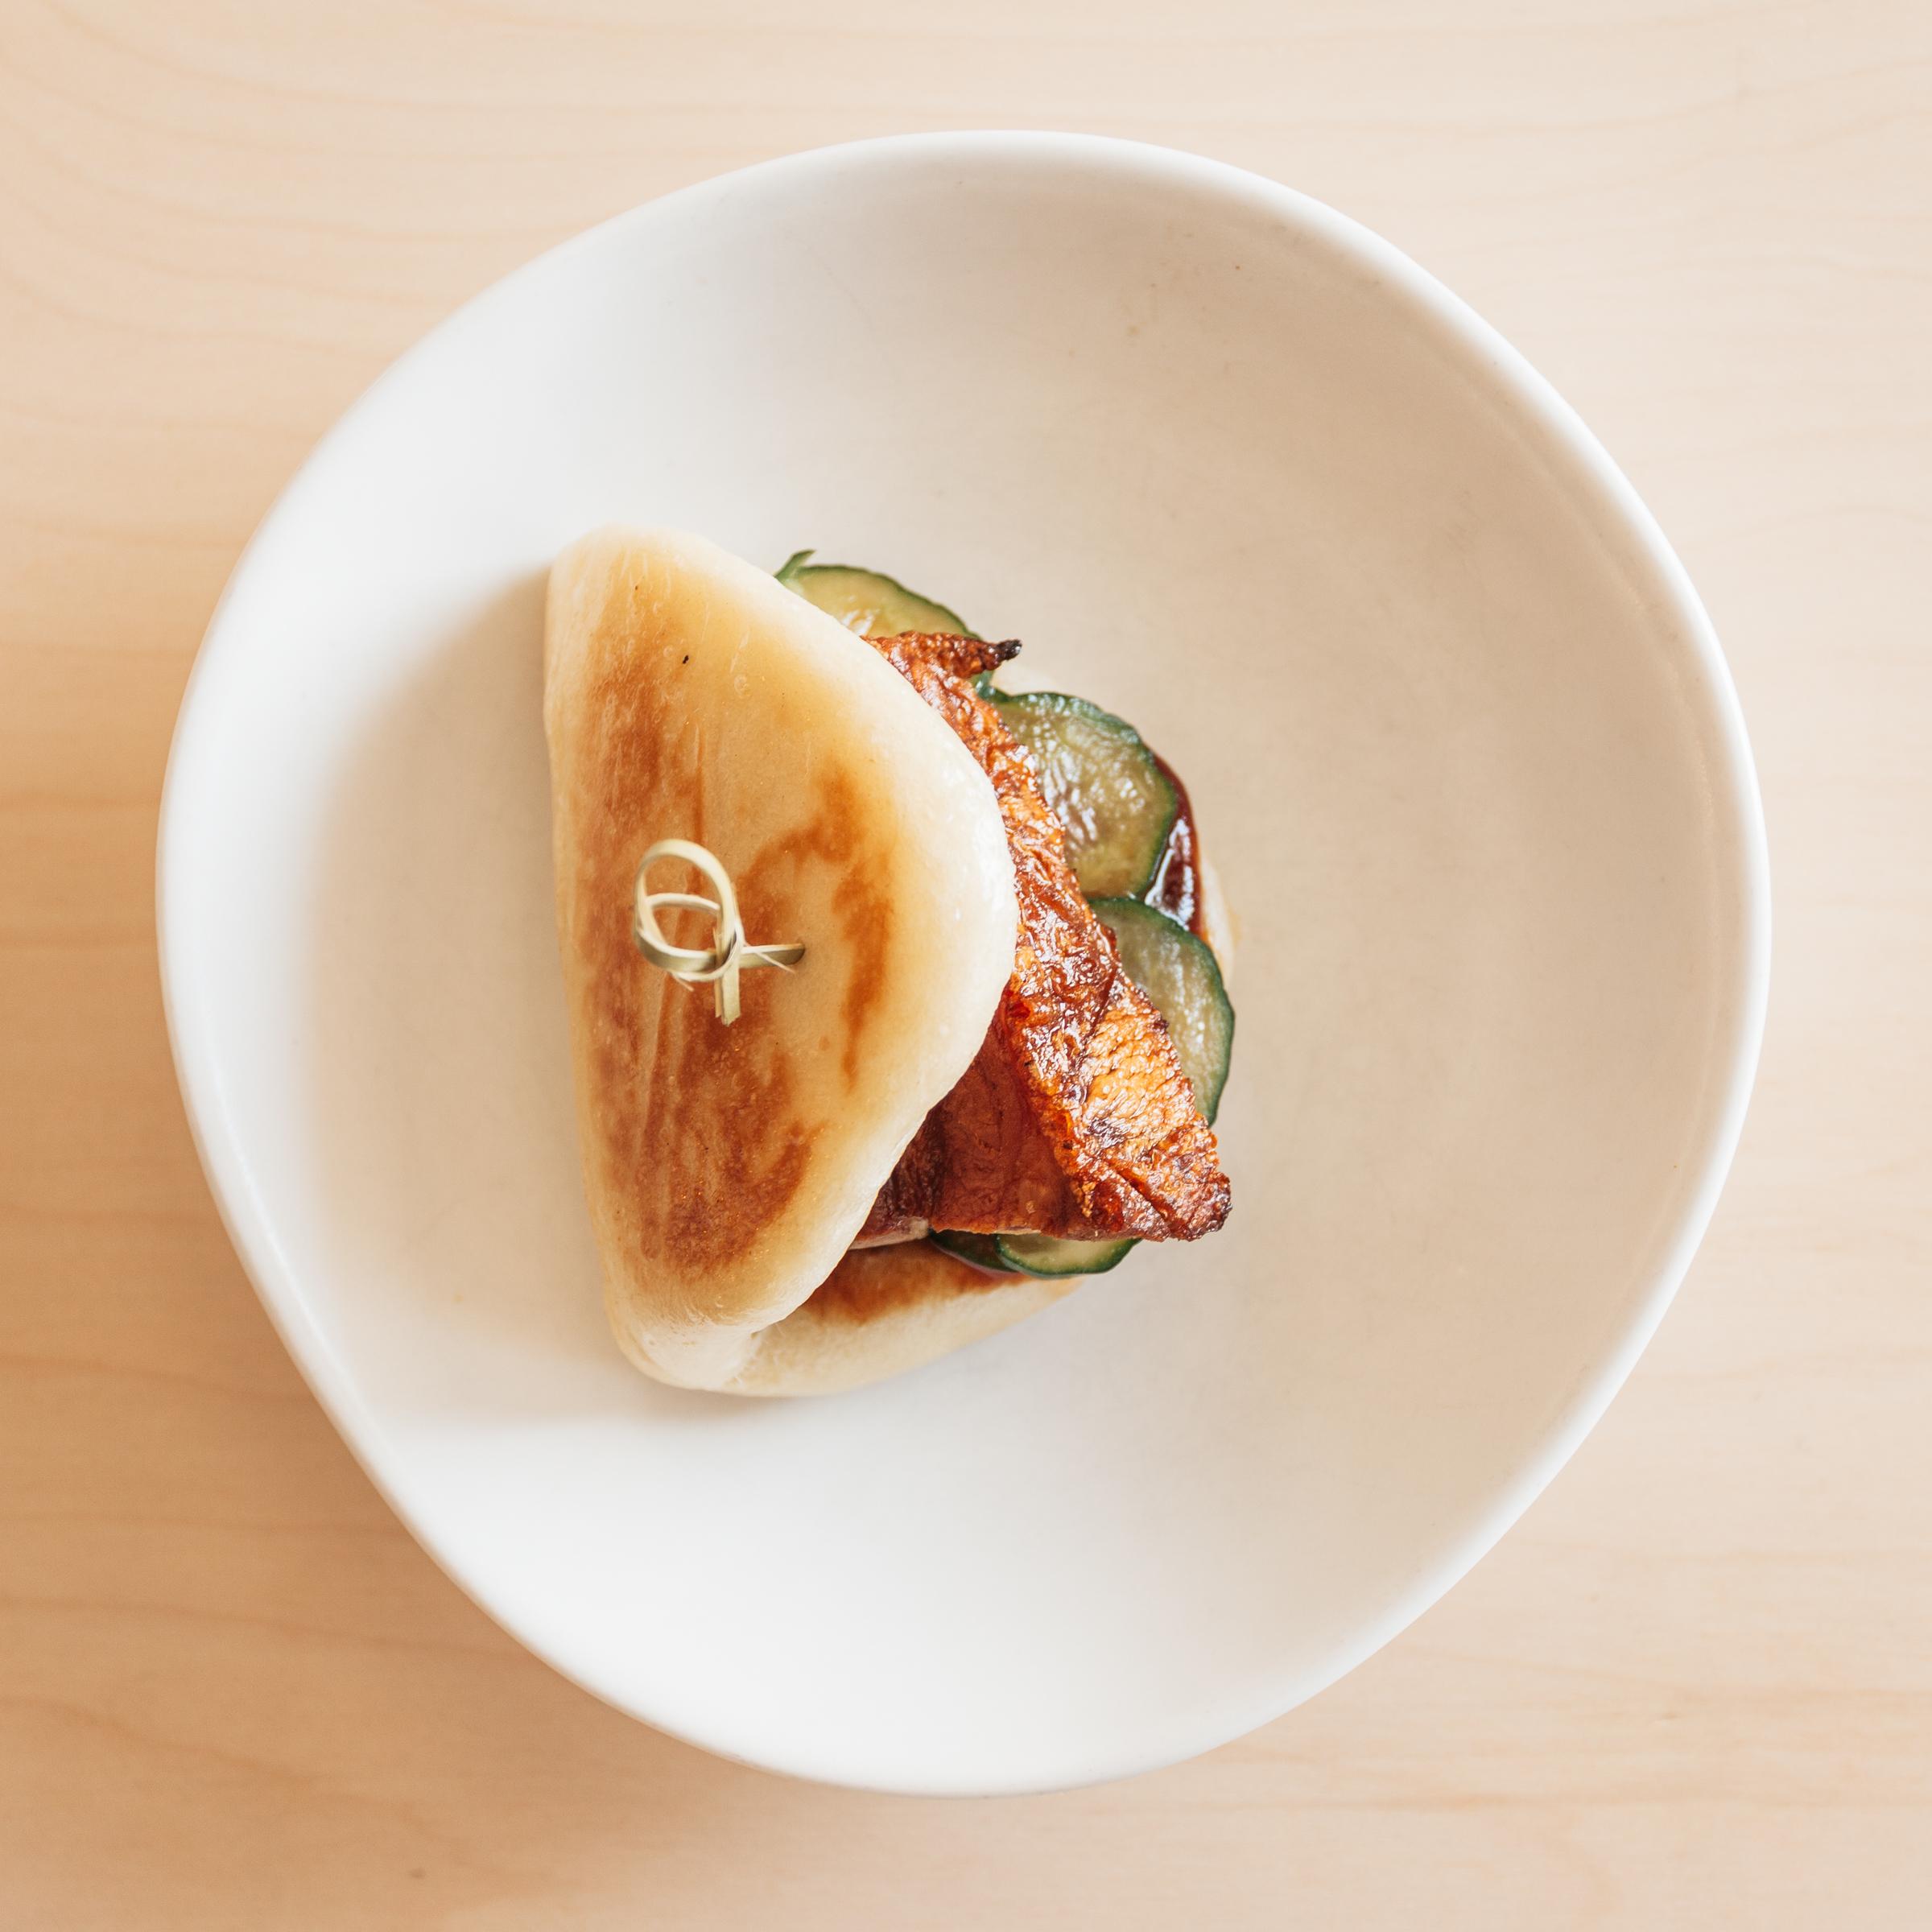 pork-bun-6194.jpg